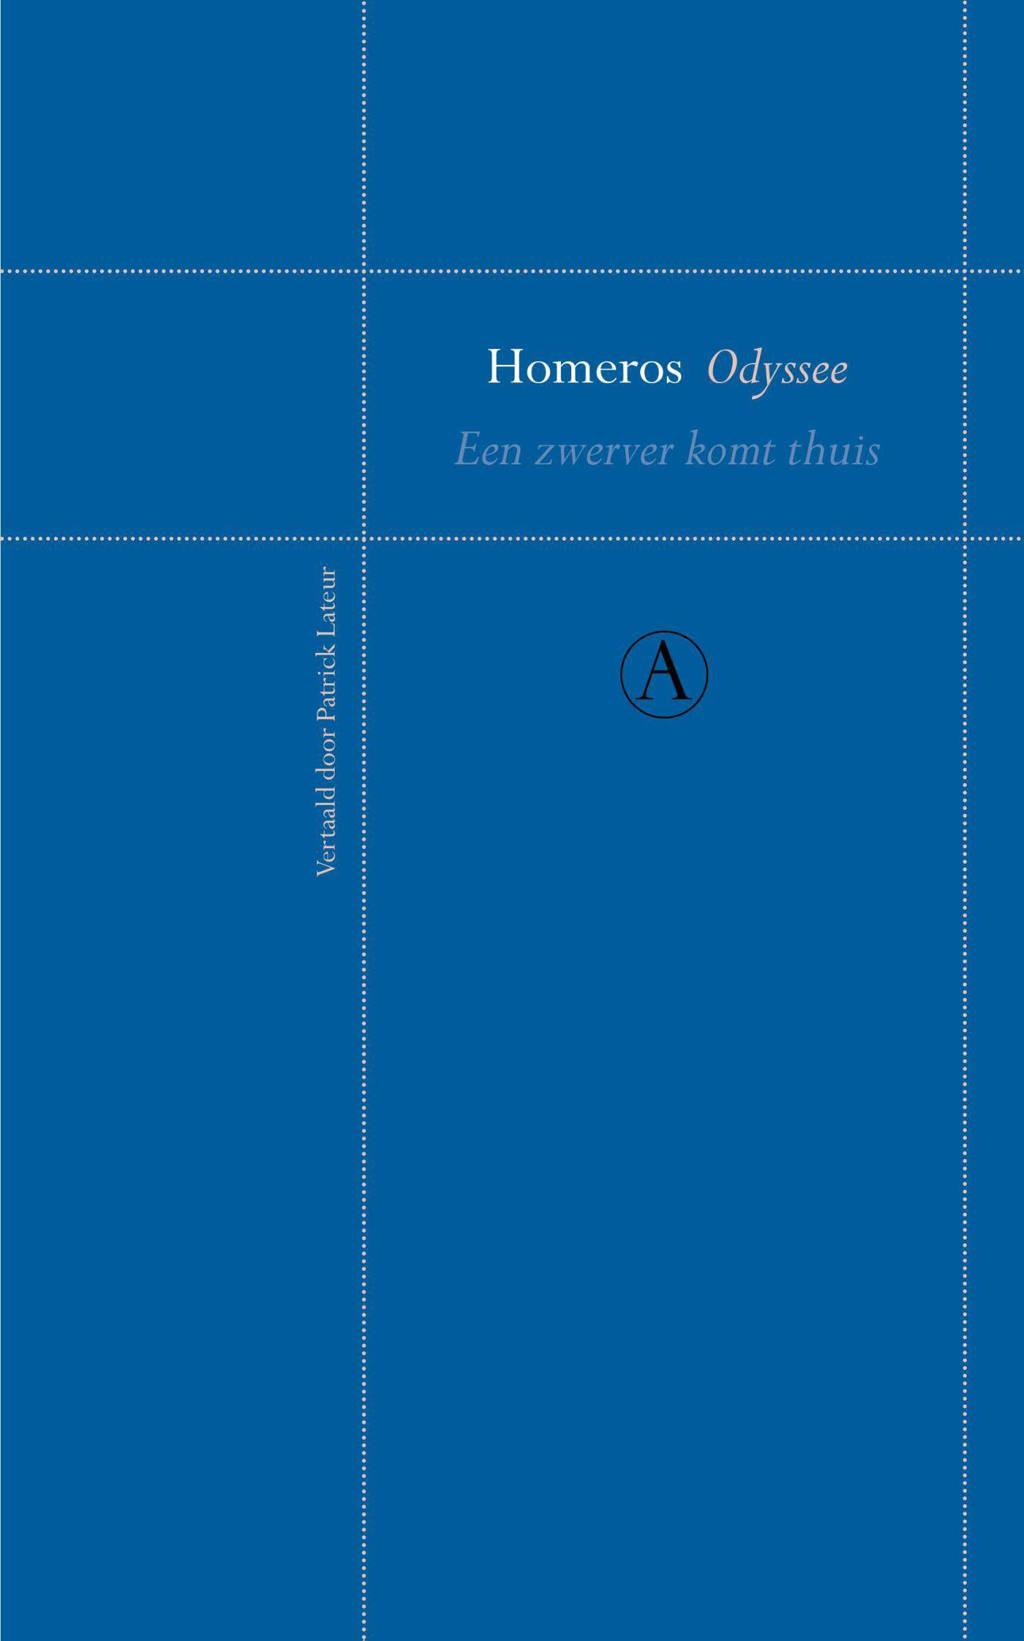 Odyssee - Homeros